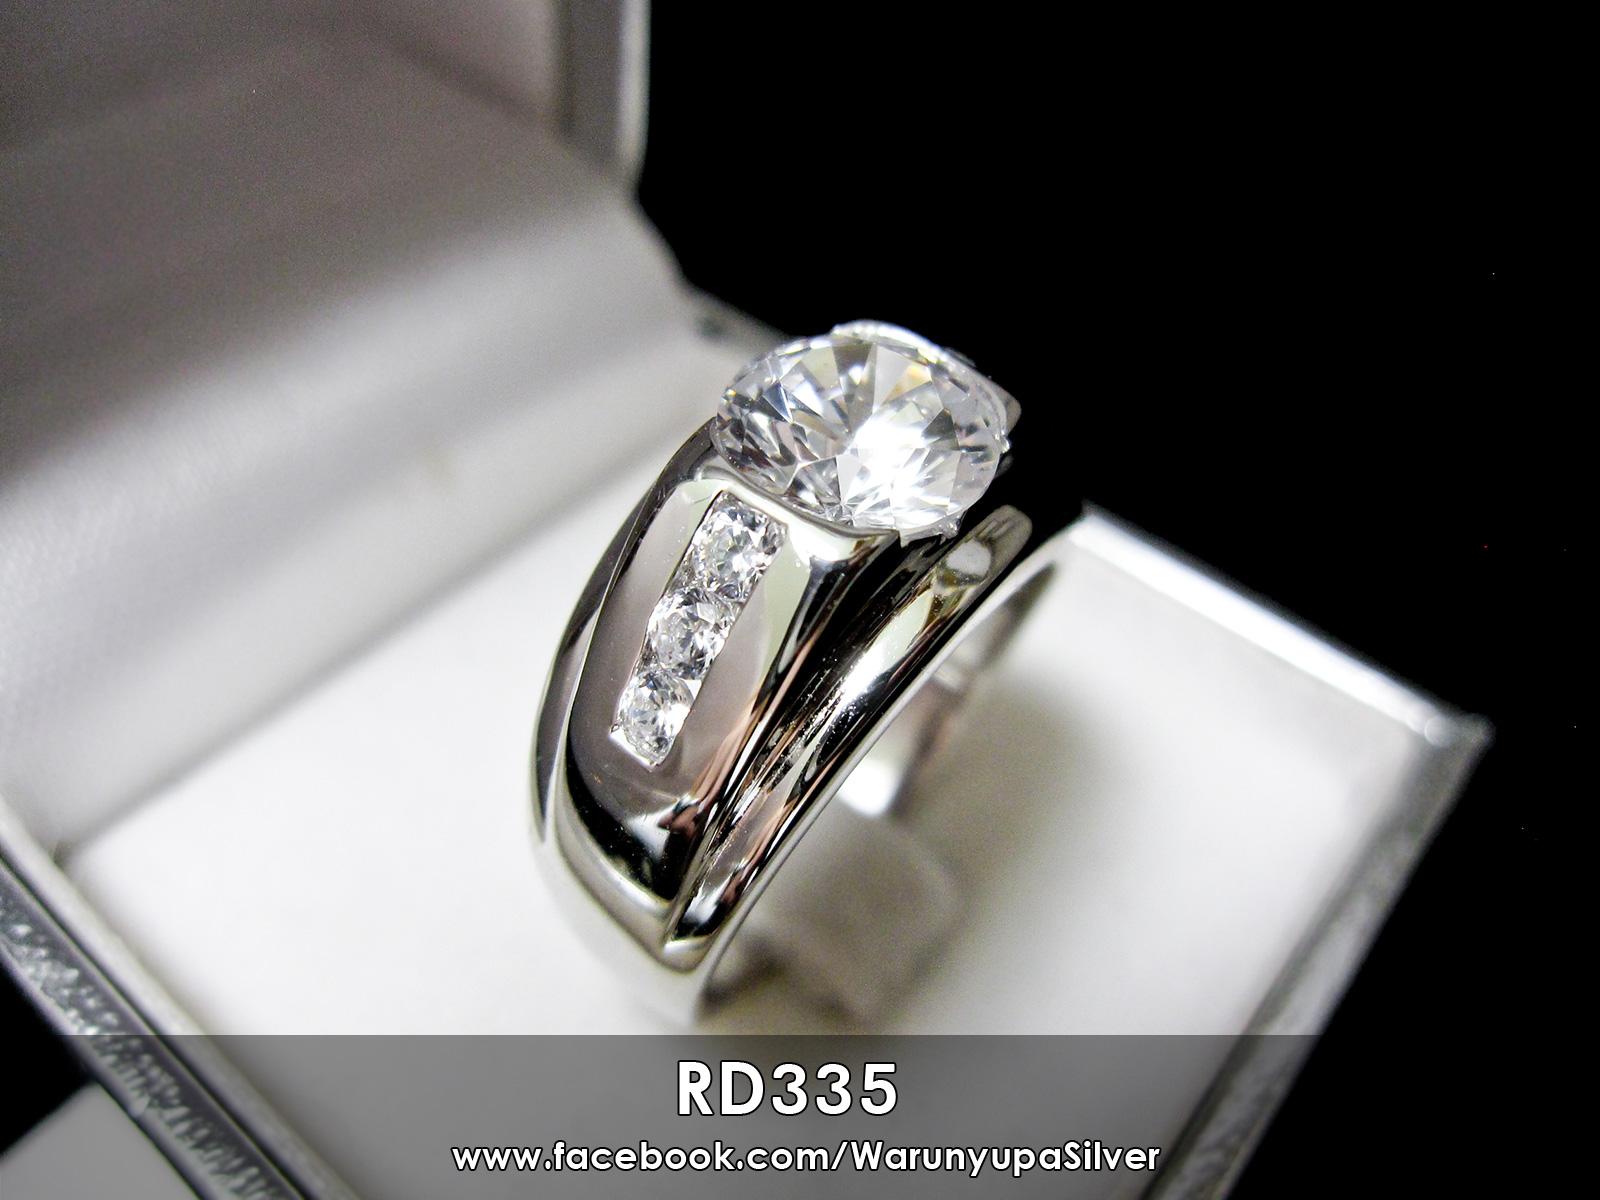 mens wedding rings with bling on pinterest men rings With mens bling wedding rings